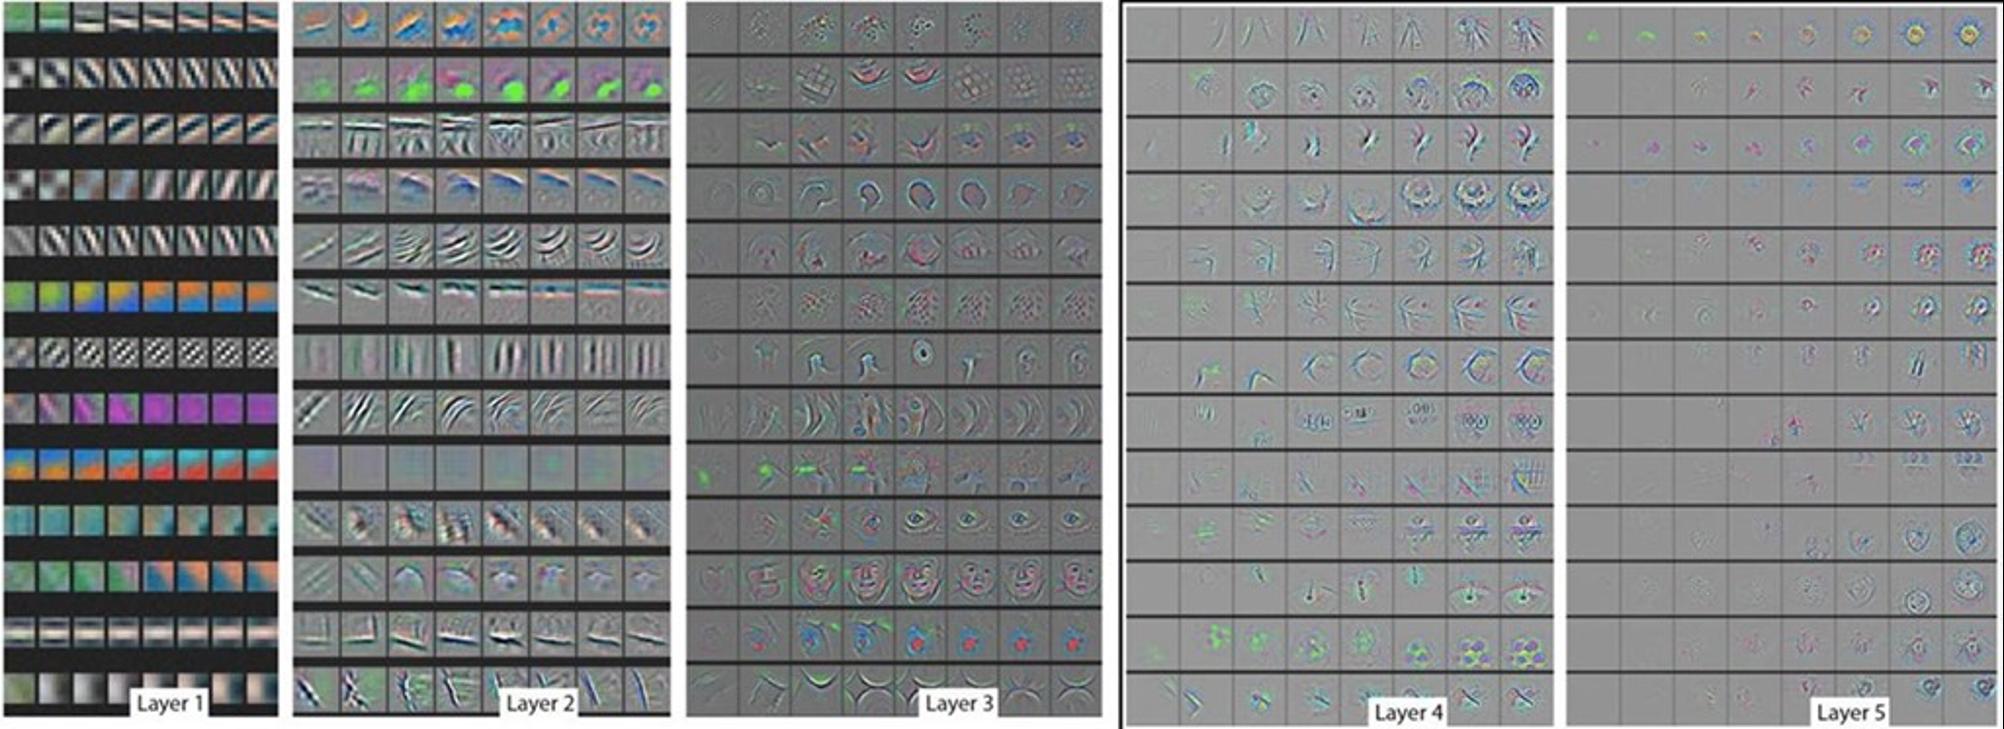 Exemple de couches d'un réseaux de neuronal d'une intelligence artificielle